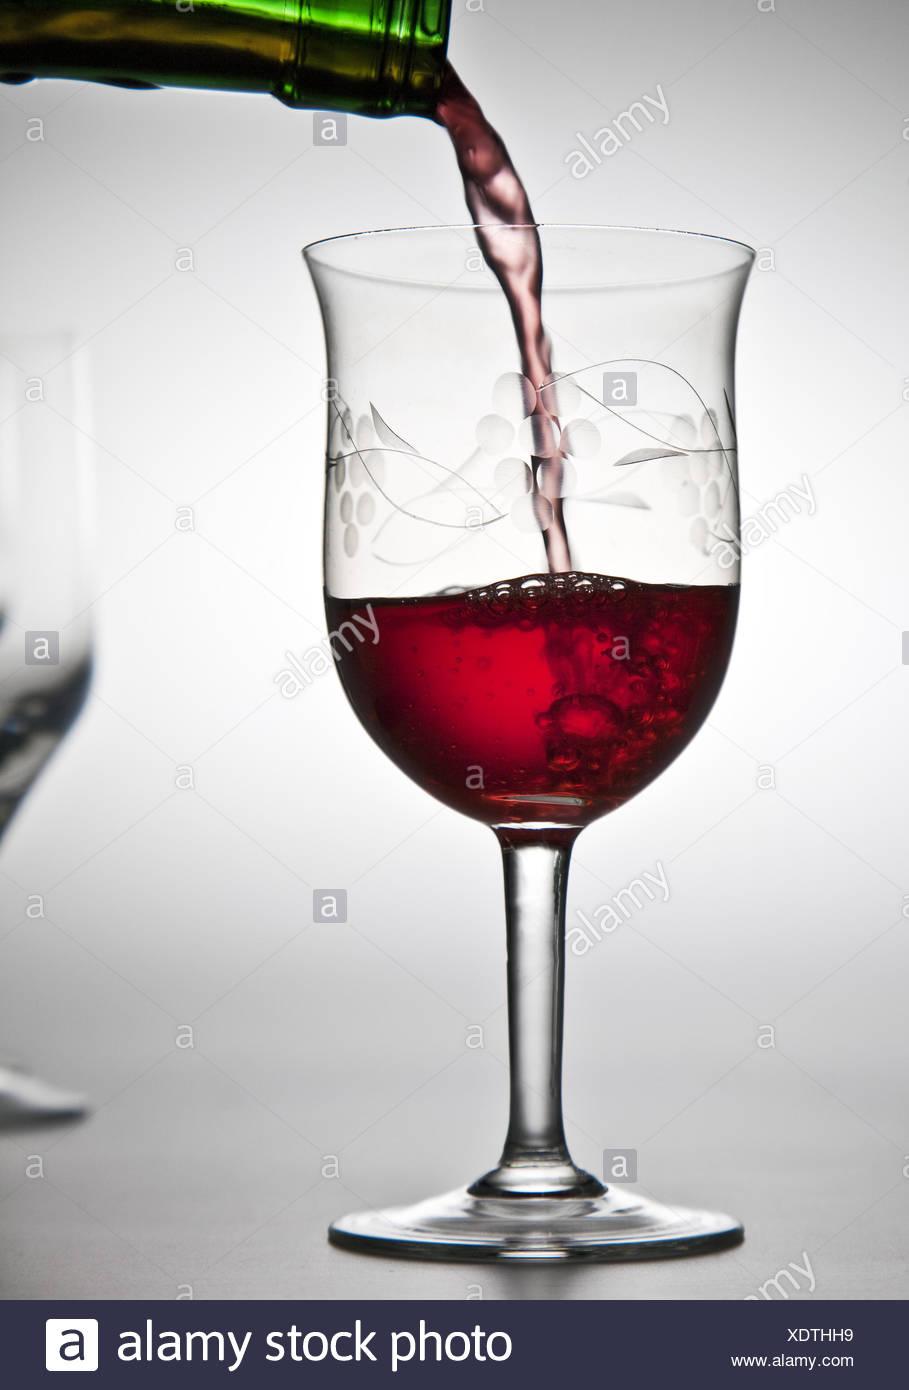 Rotwein wird in ein Glas gegossen Stockbild